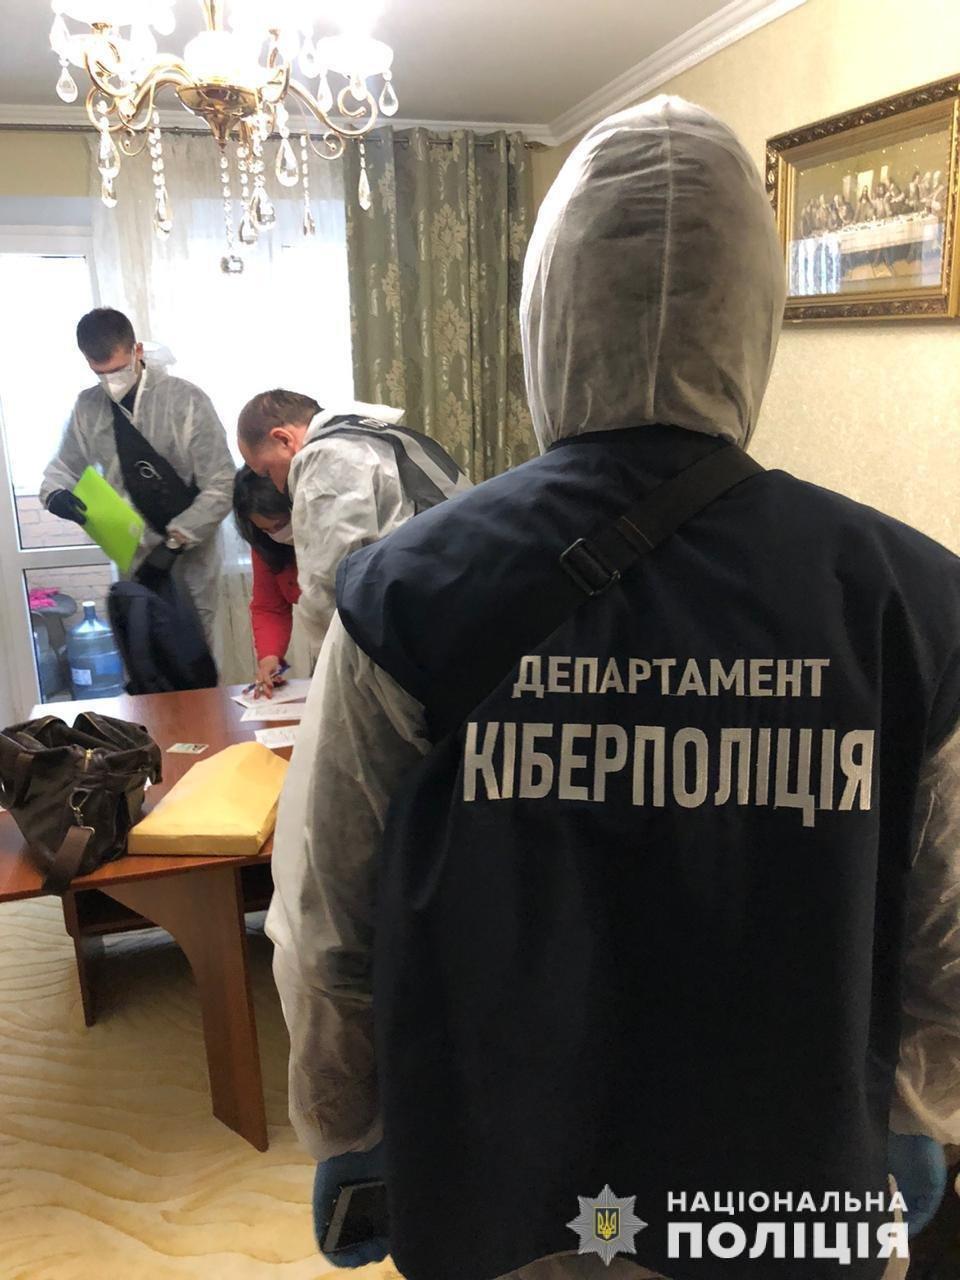 На Днепропетровщине задержали мошенников, которые под видом продажи масок и термометров выманивали деньги, - ФОТО, ВИДЕО, фото-1